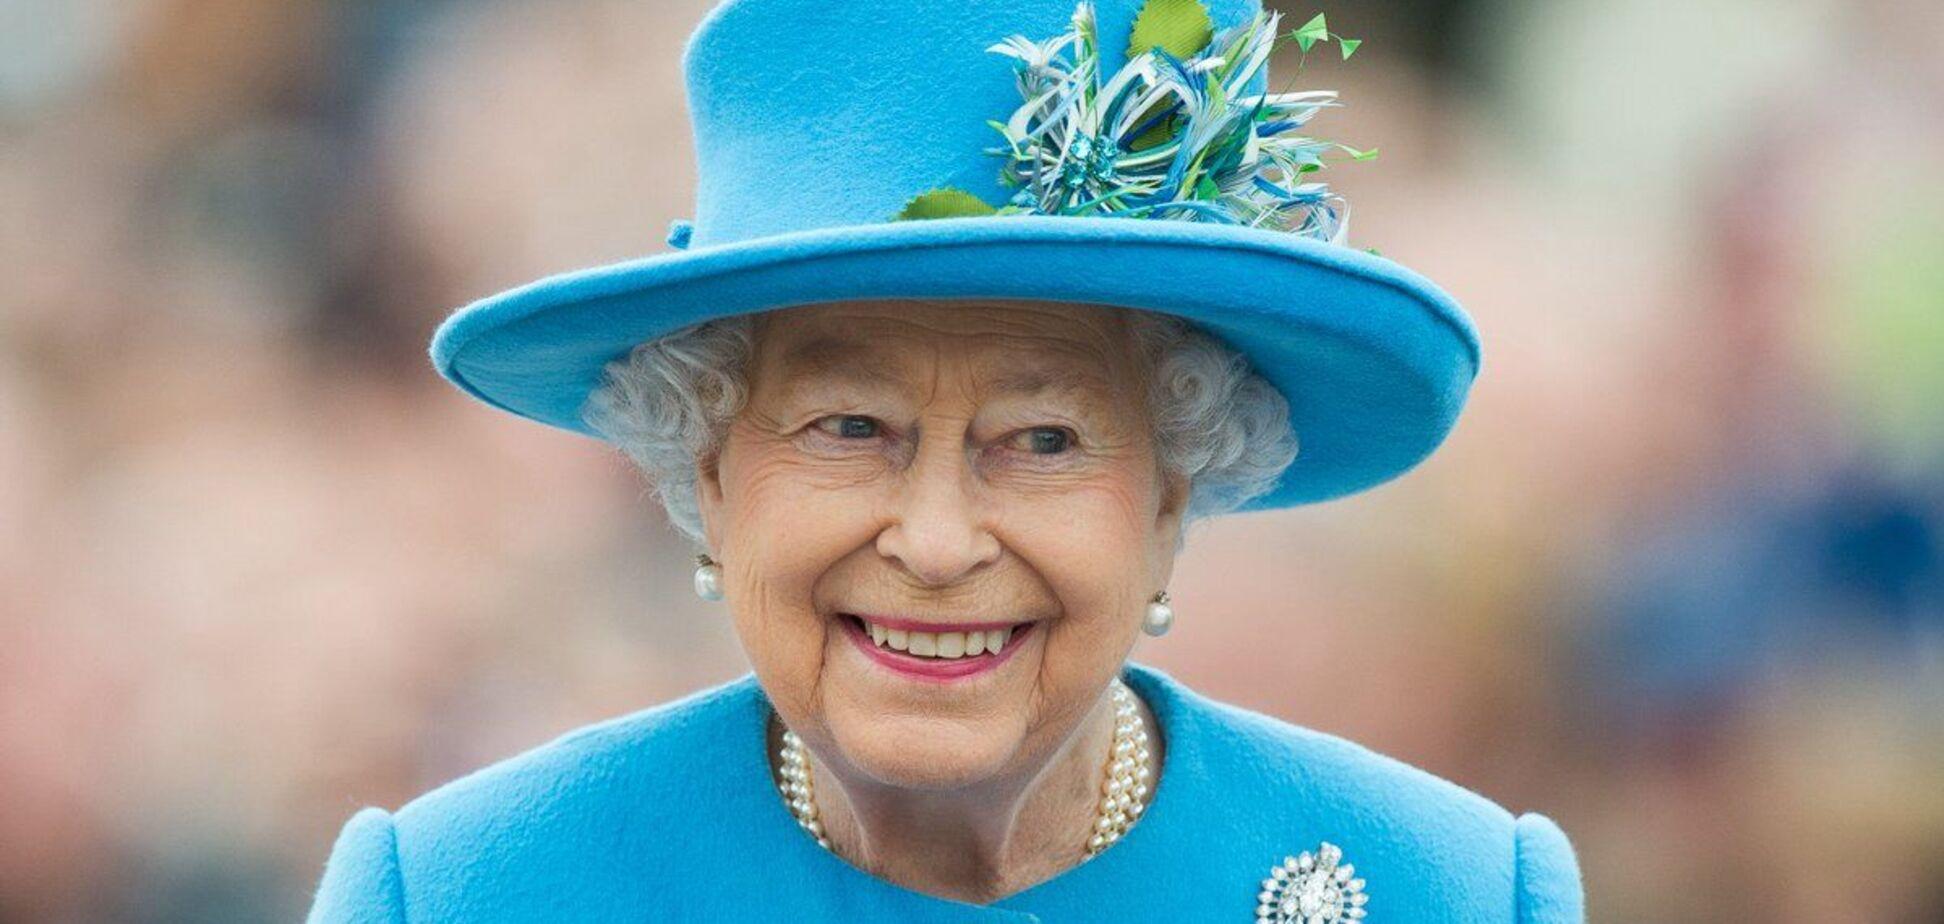 Єлизавета II завела нових вихованців на тлі кризи в сім'ї